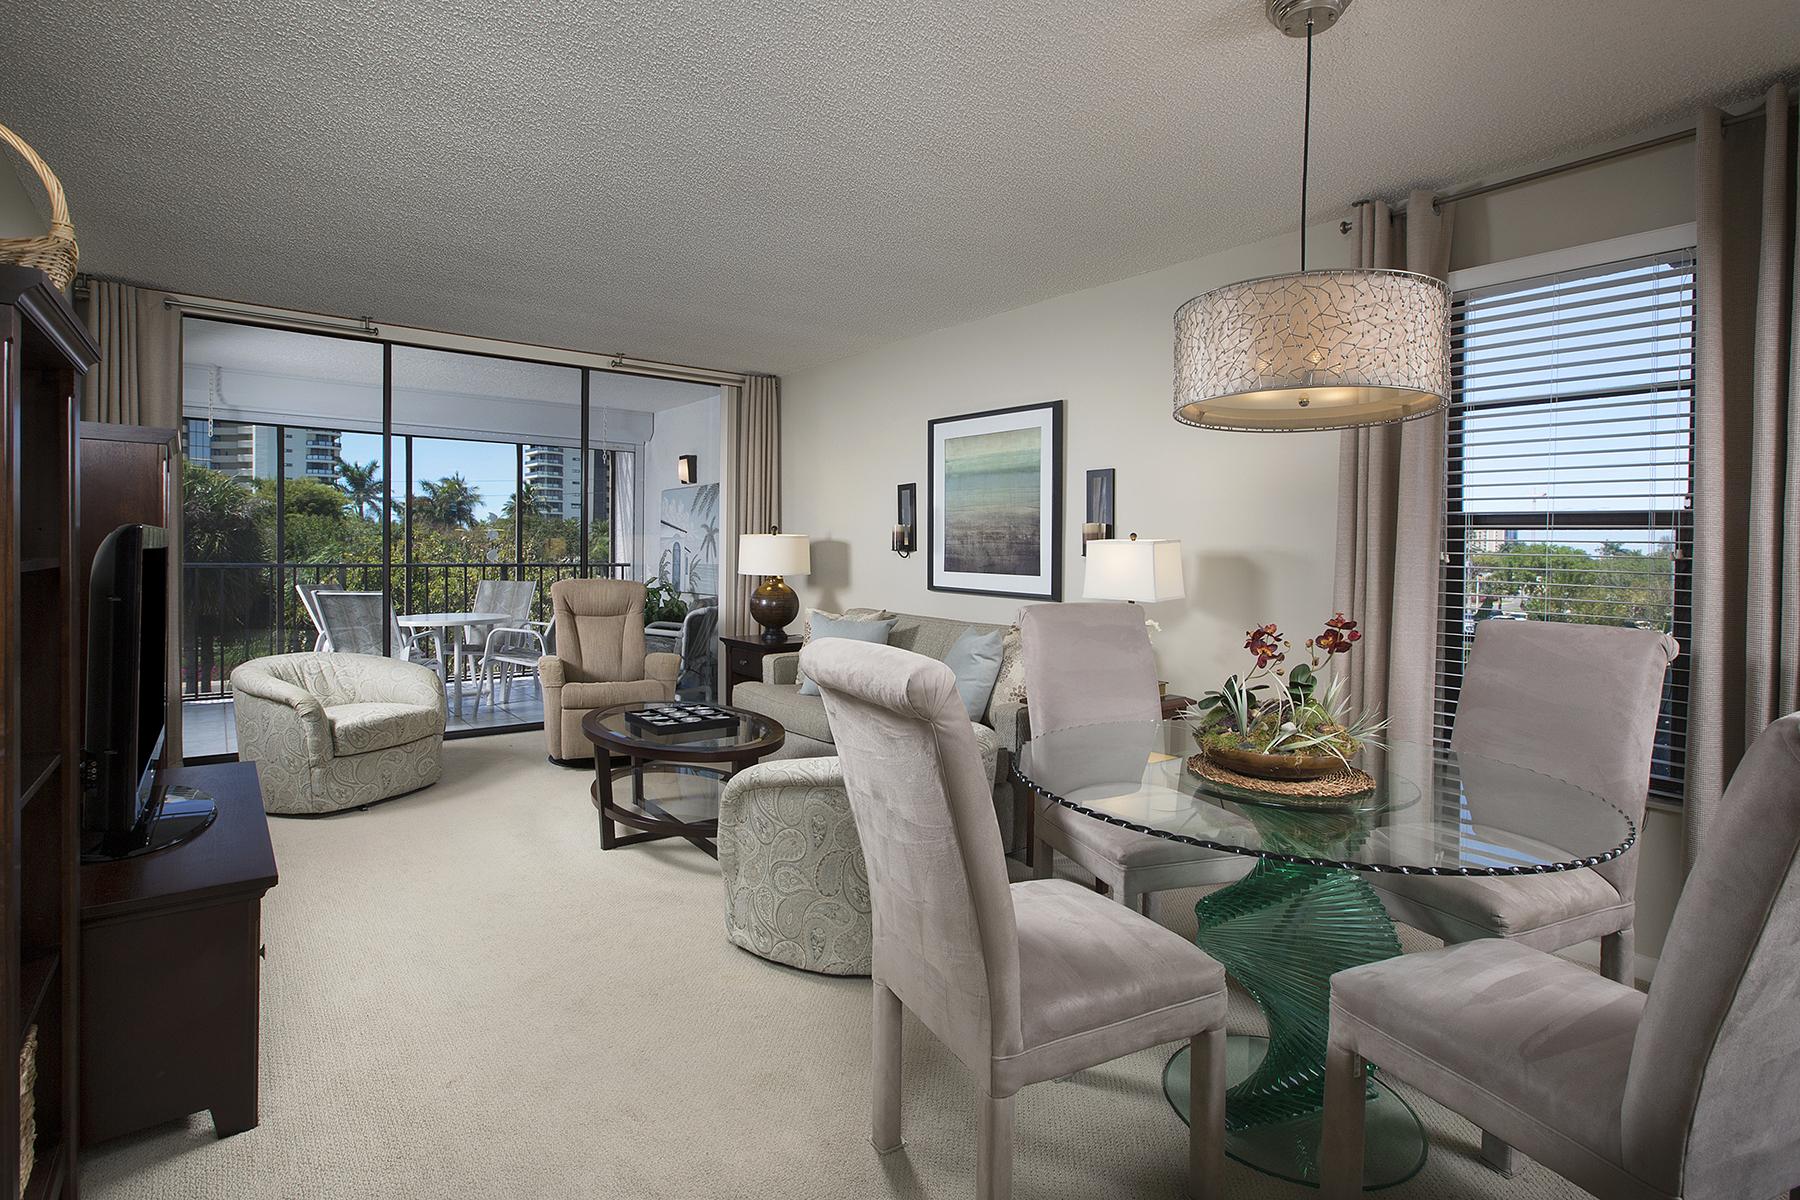 Condomínio para Venda às MARCO ISLAND 741 S Collier Blvd 301 Marco Island, Florida, 34145 Estados Unidos